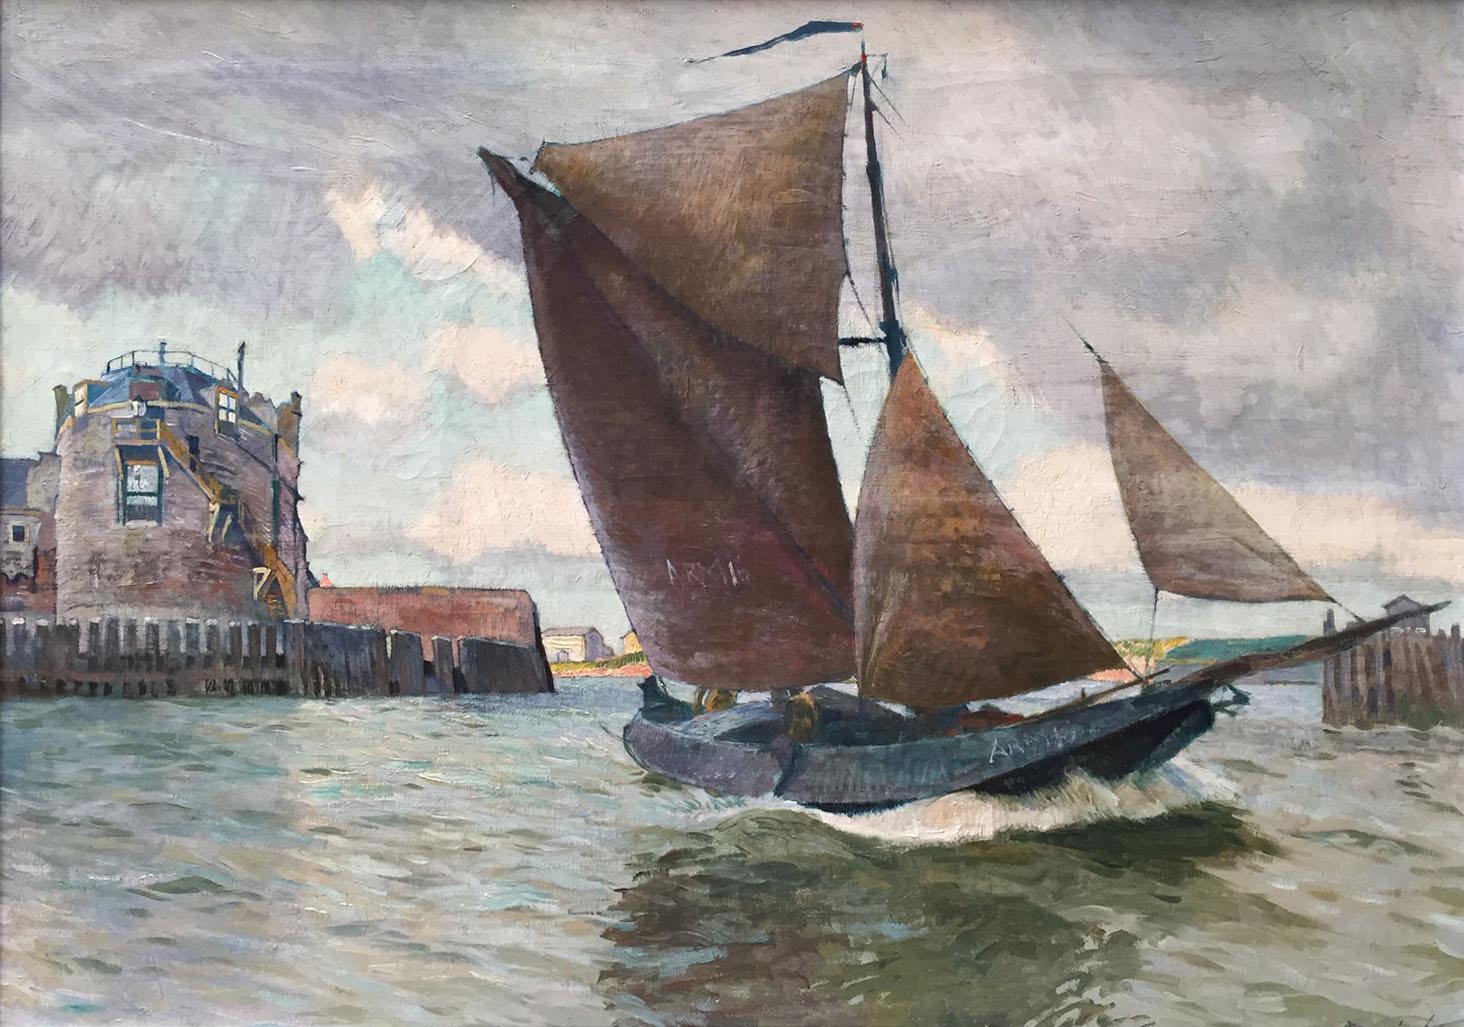 Maurice Sijs (1880-1972) Thee hoogaars ARM 16 at the Kampveerse tower, Veere